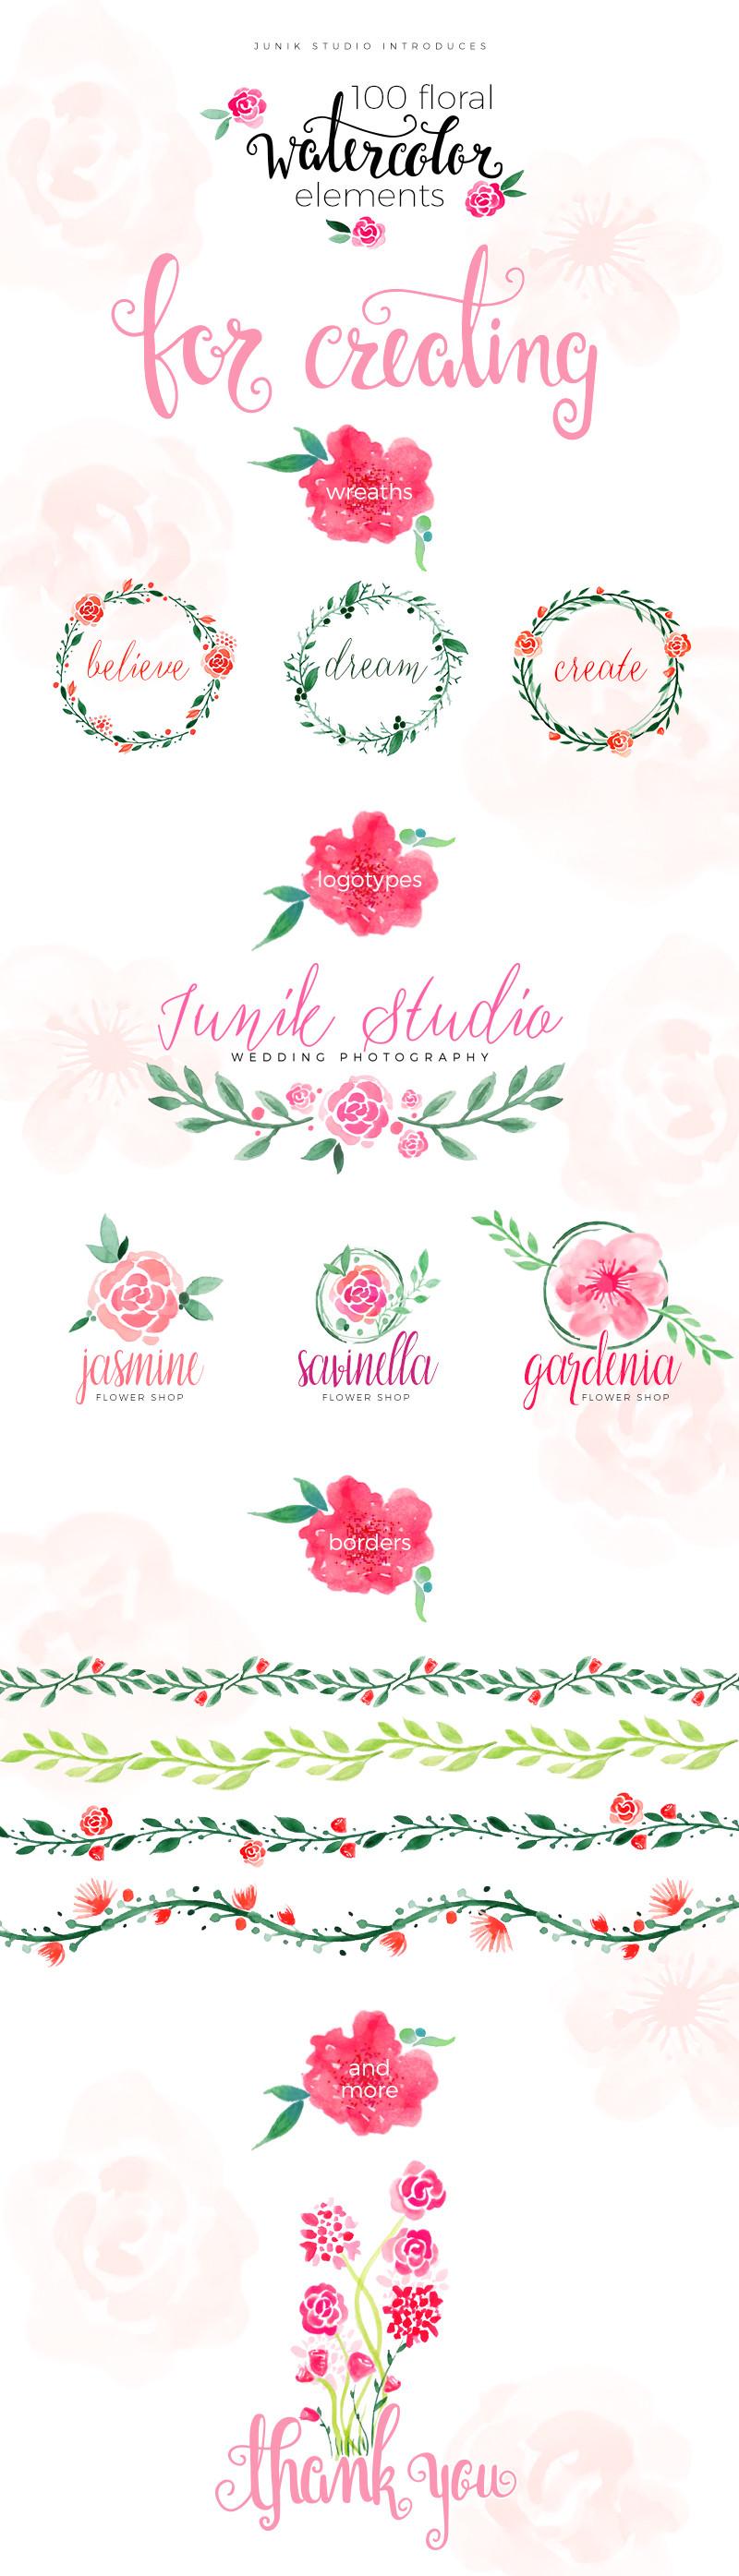 唯美花卉 树叶 欧式花纹 手绘叶子笔刷源文件下载